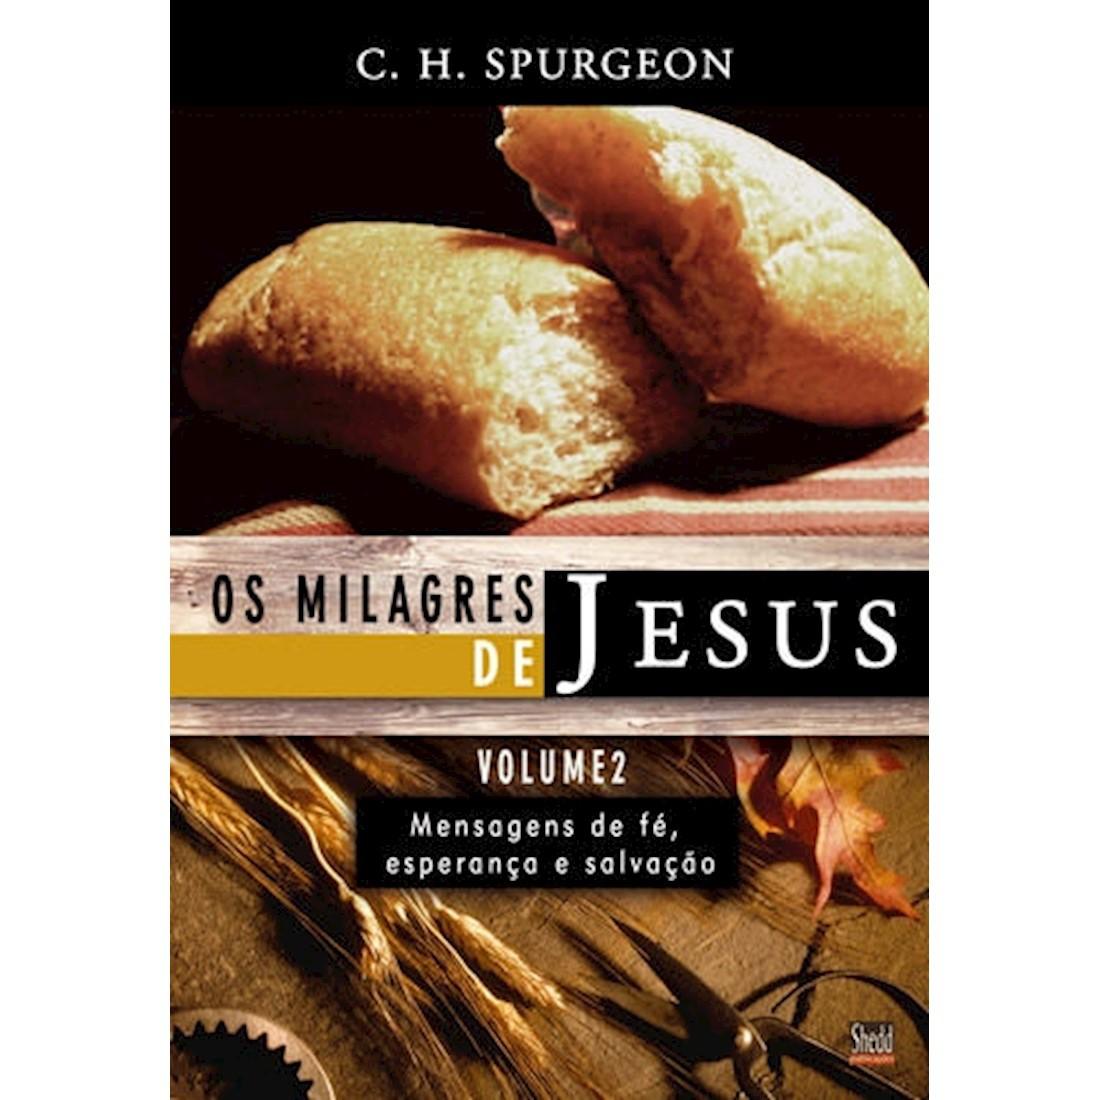 Livro Os Milagres de Jesus - Vol 2